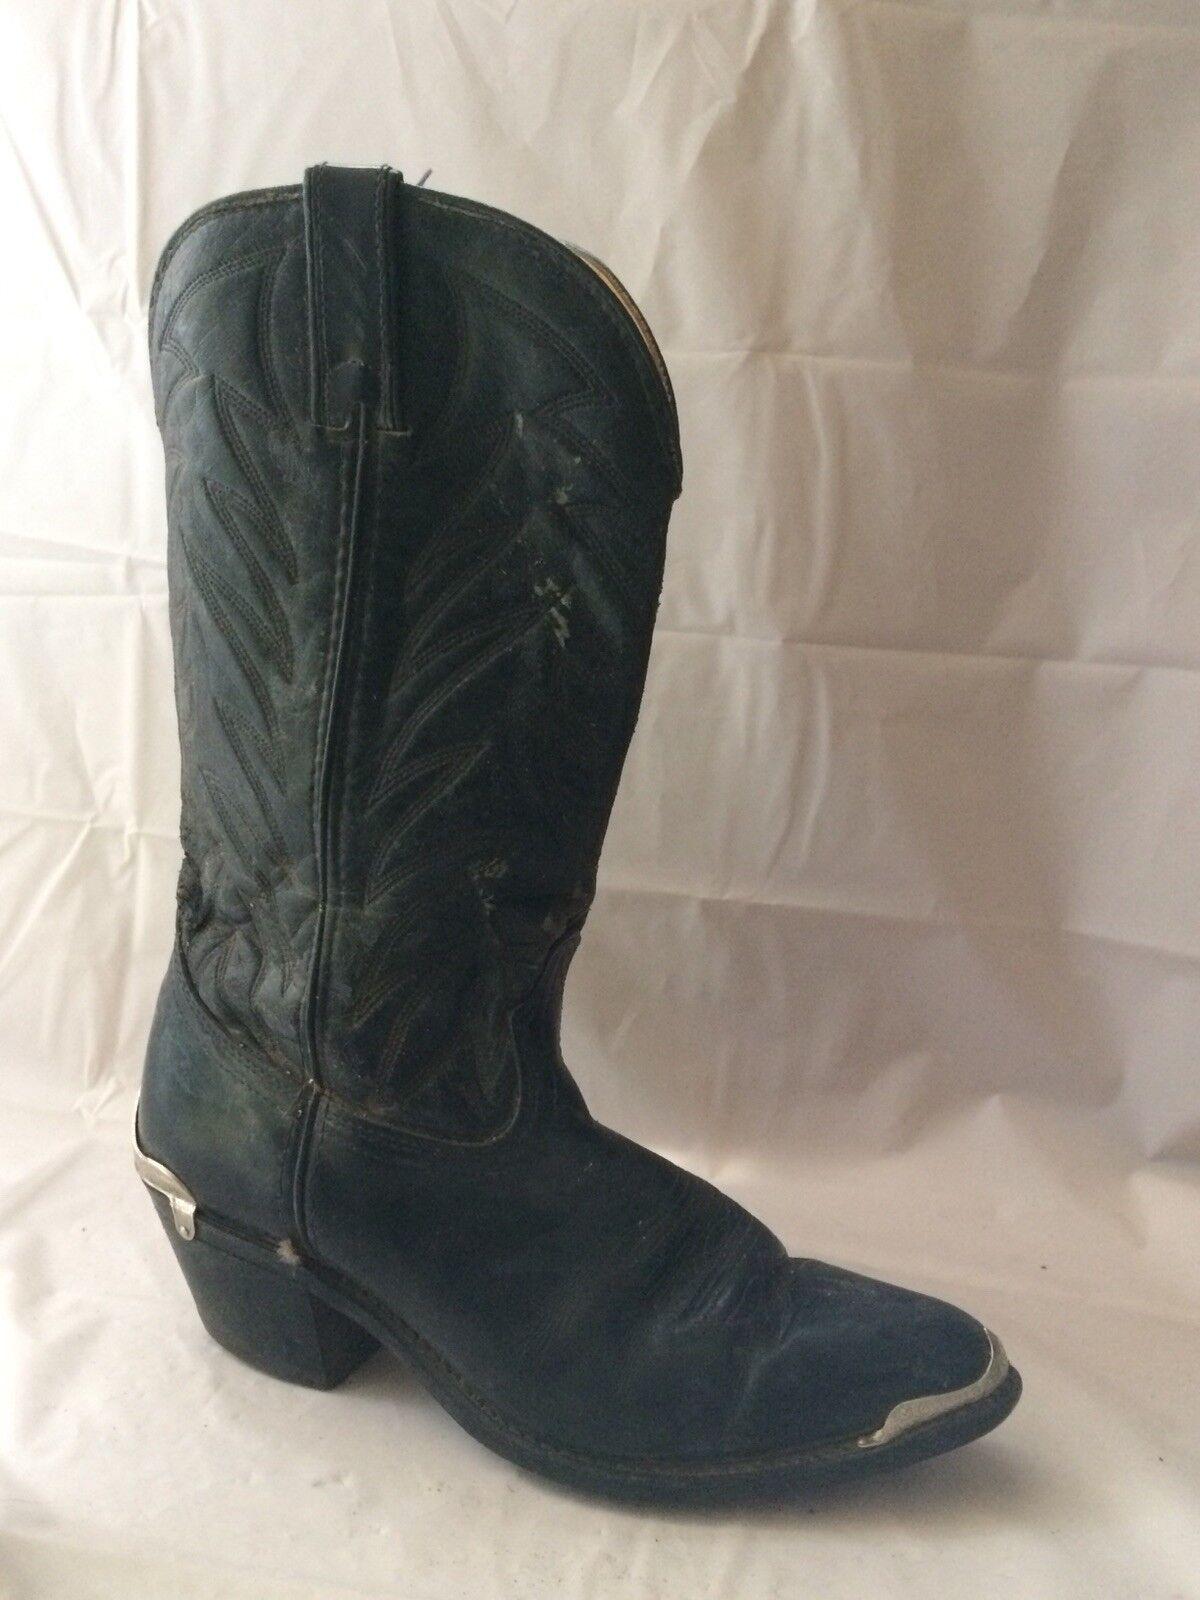 Durango Mens 8 EE Extra Wide 31316 DB400 Tall Black Cowboy Boots Heel Toe Guards